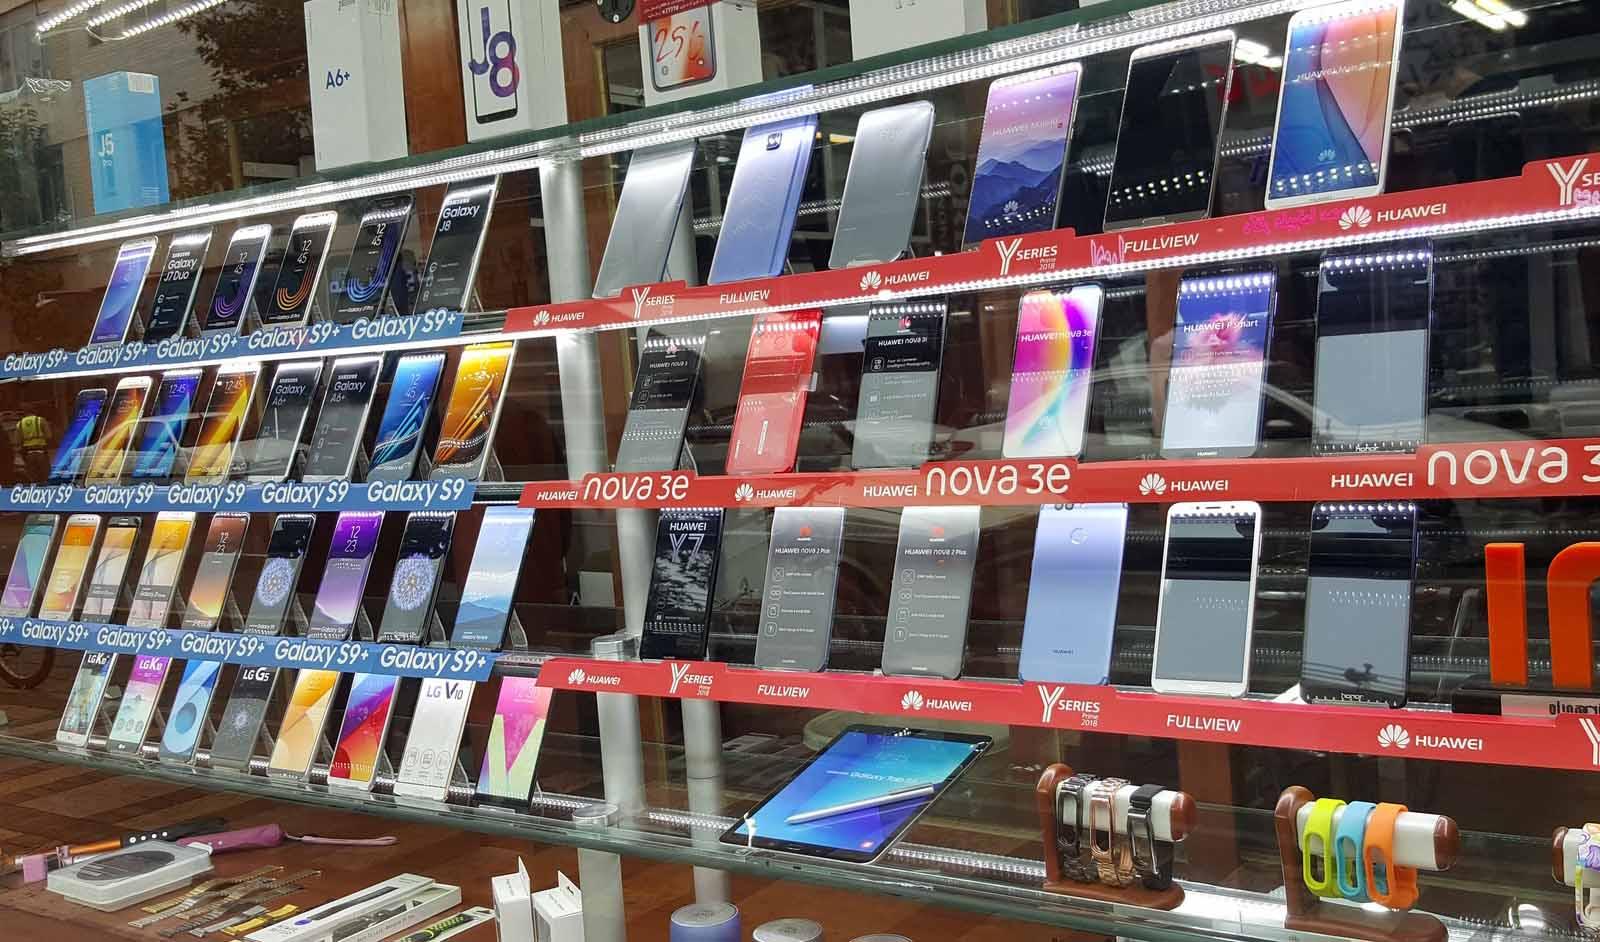 نوسان قیمت گوشی تلفن همراه در بازار/ جدول آخرین نرخها